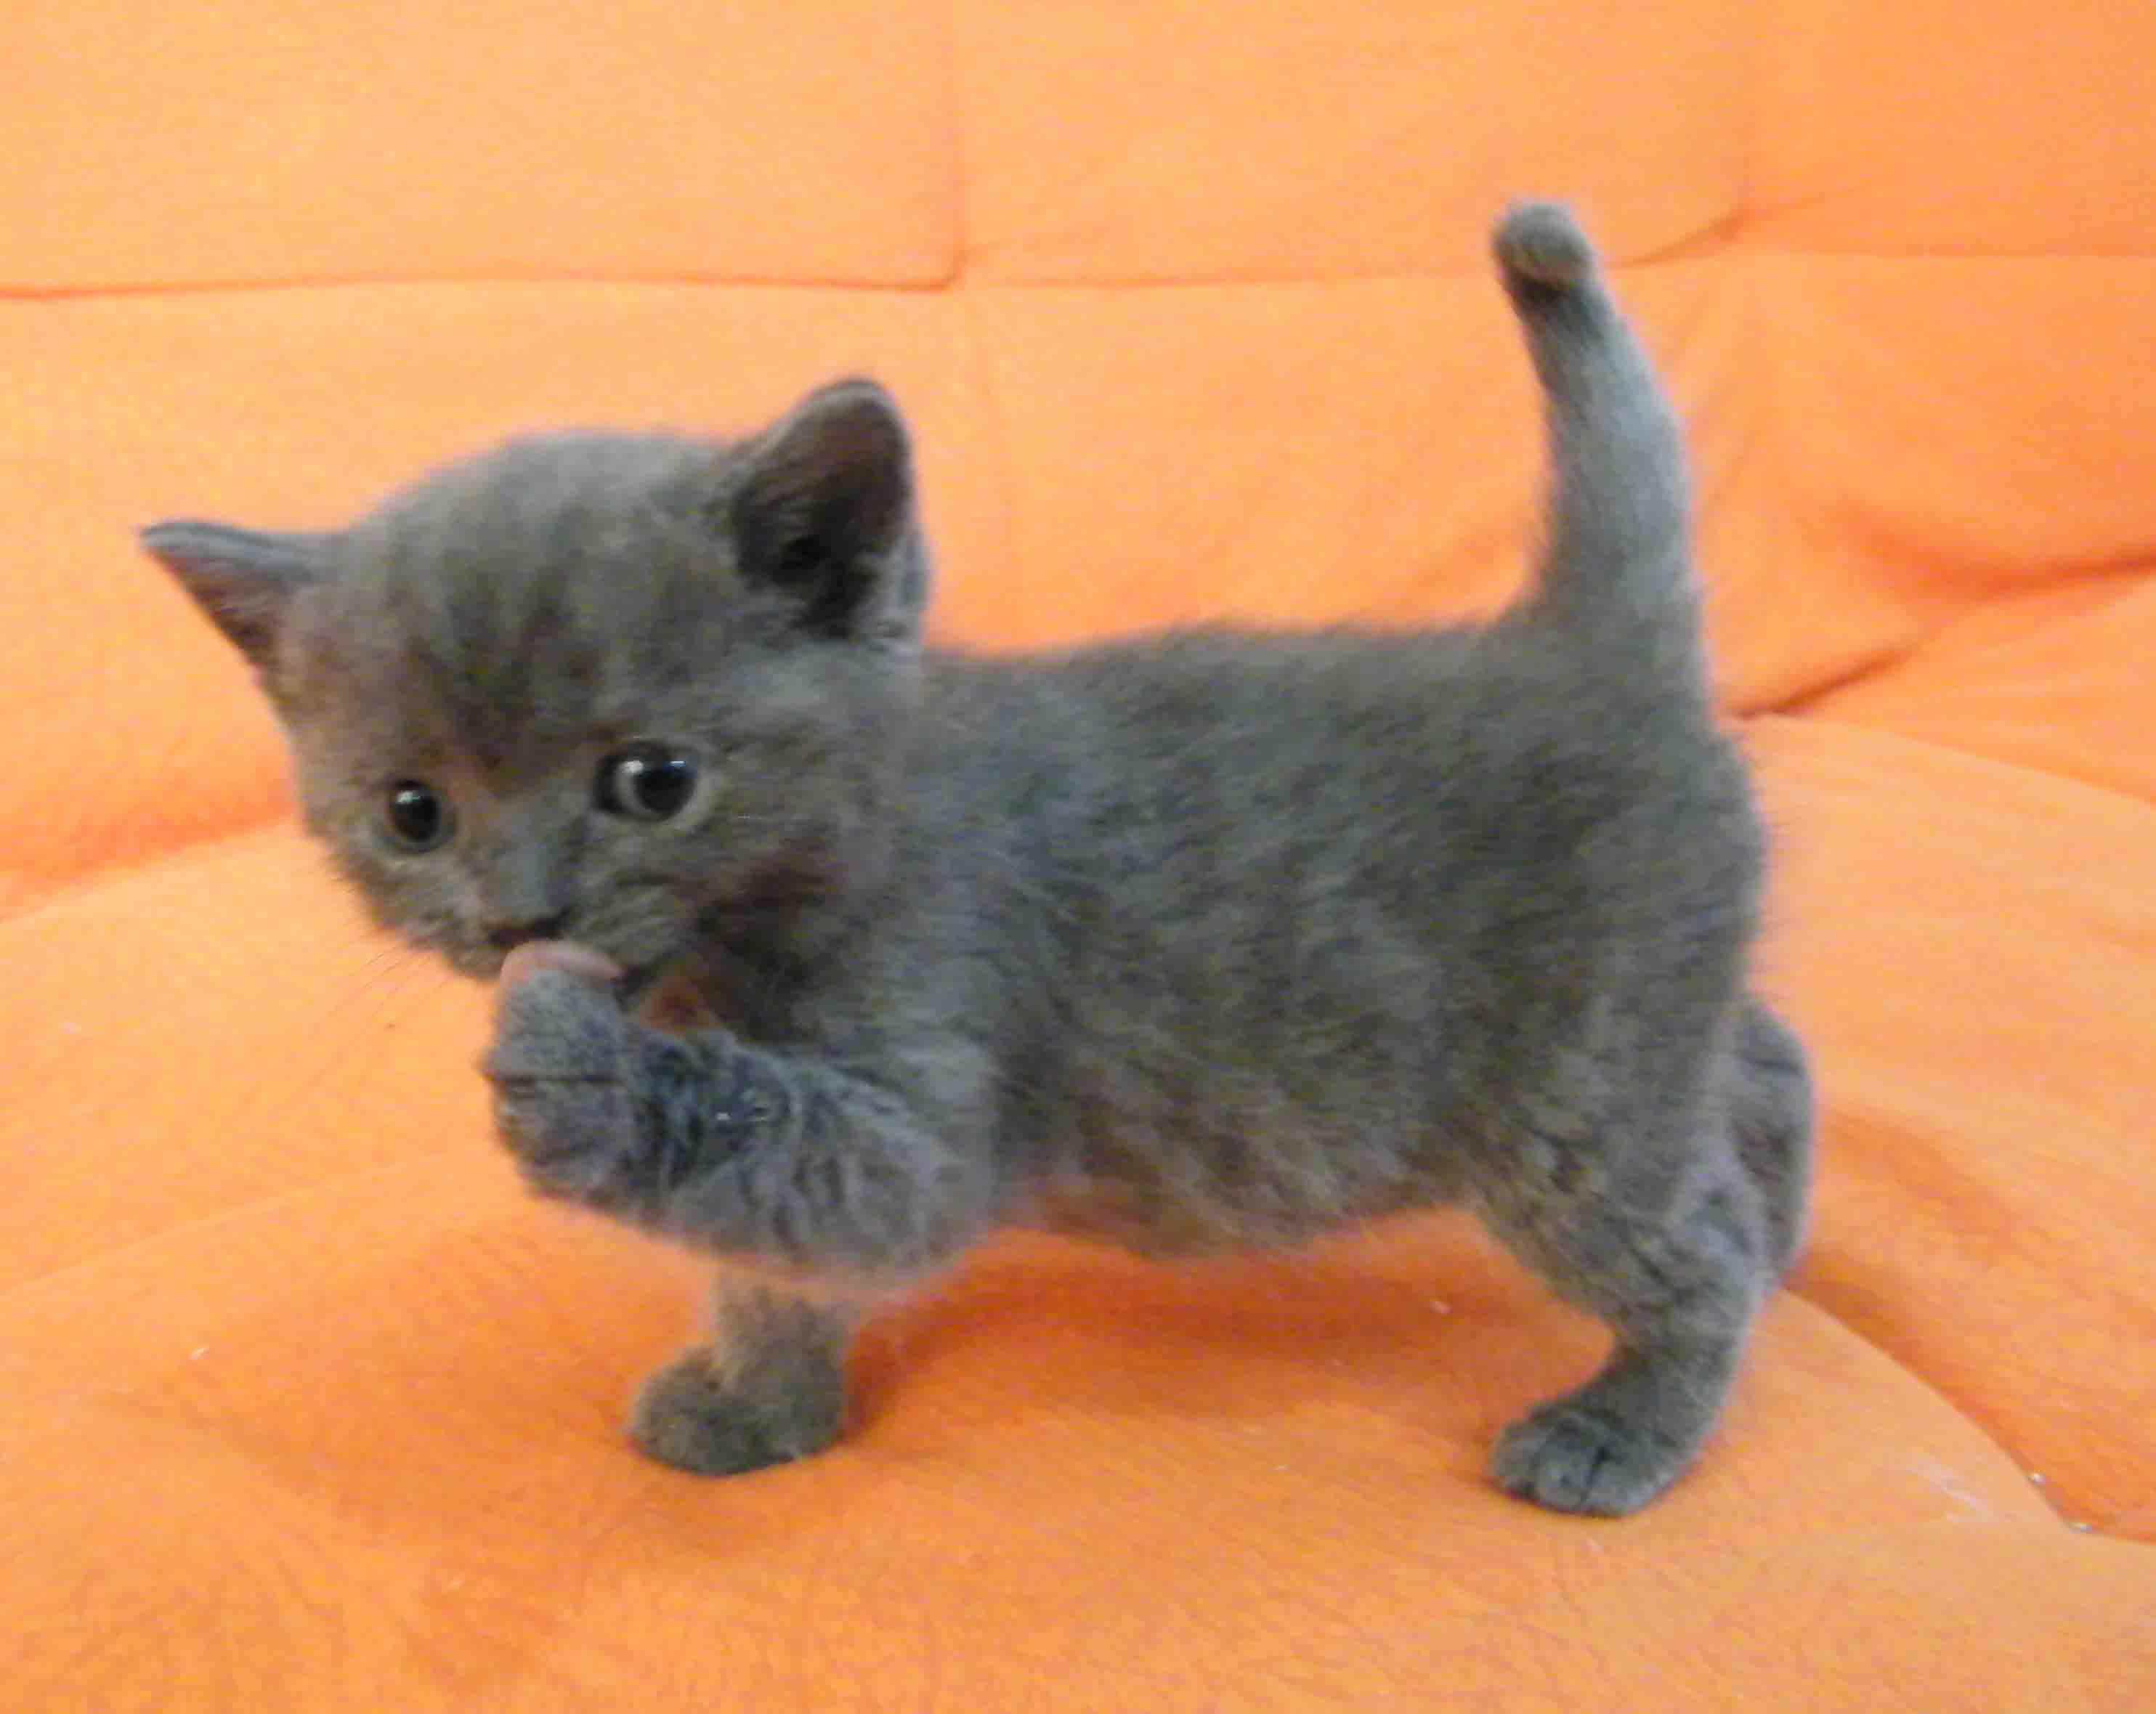 加菲猫,英国短毛猫,美国短毛猫1至2个月好可爱